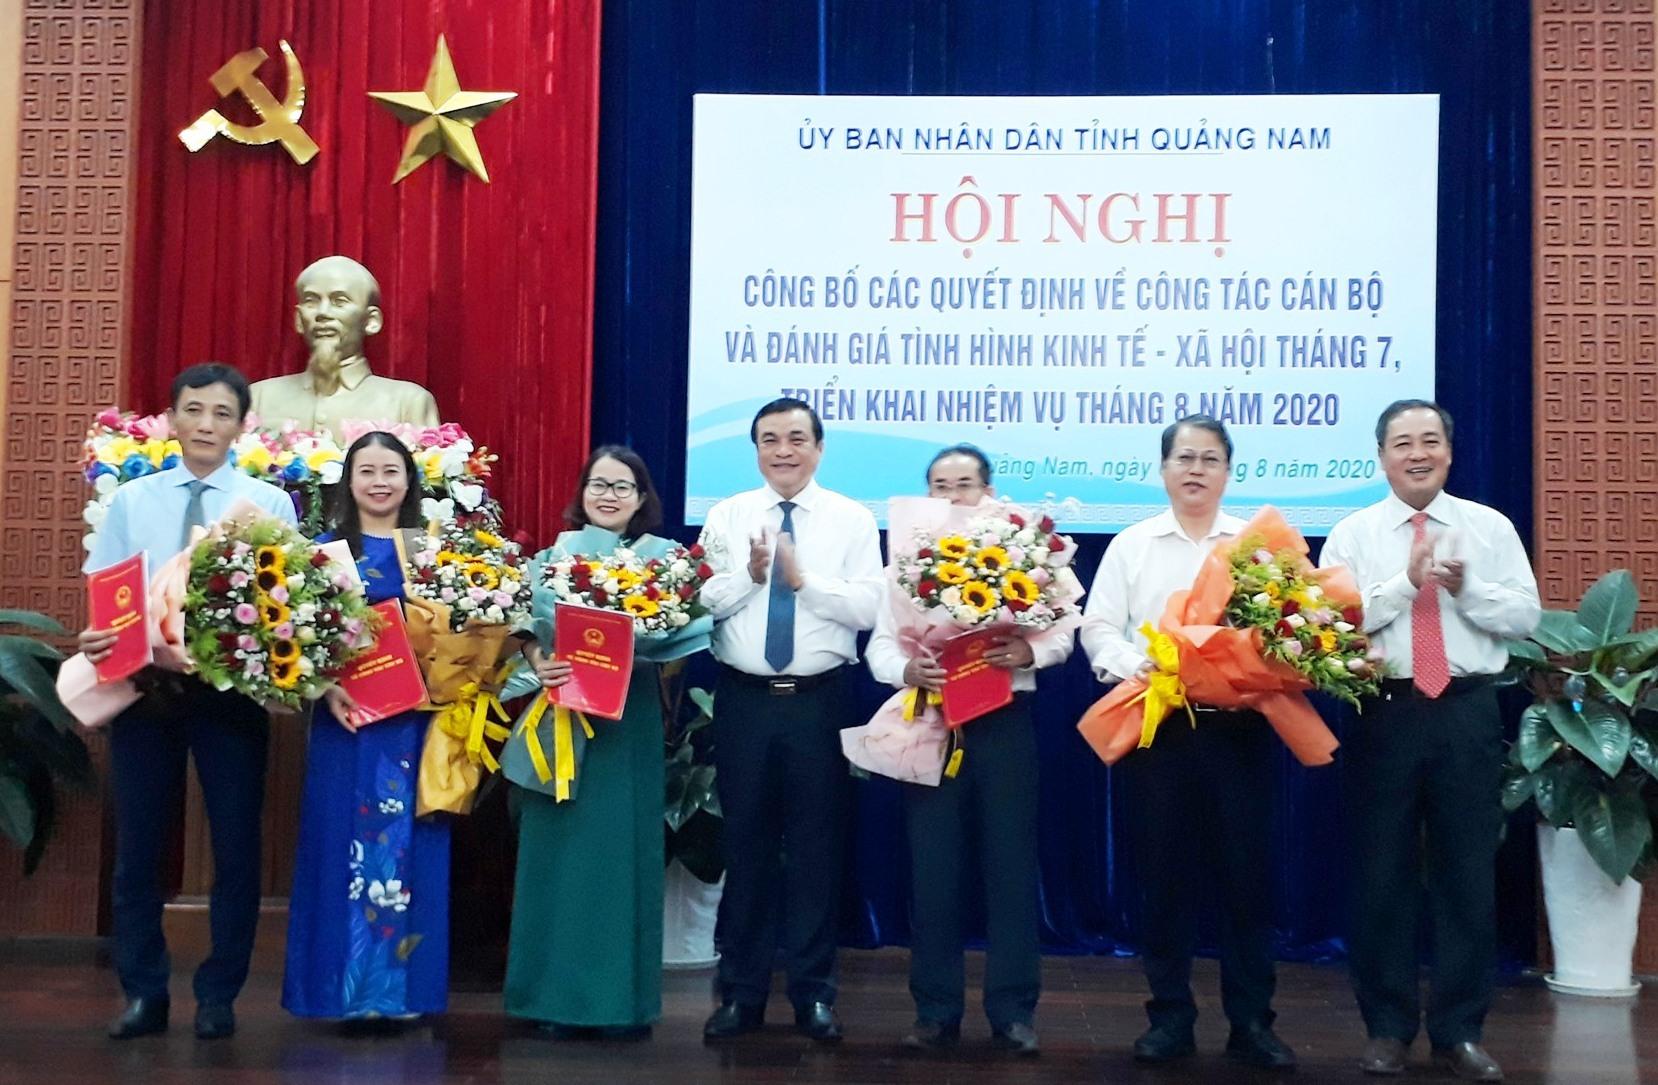 Bí thư Tỉnh ủy Phan Việt Cường và Phó Chủ tịch Thường trực UBND tỉnh Huỳnh Khánh Toàn chúc mừng các cán bộ vừa được bổ nhiệm. Ảnh: X.P